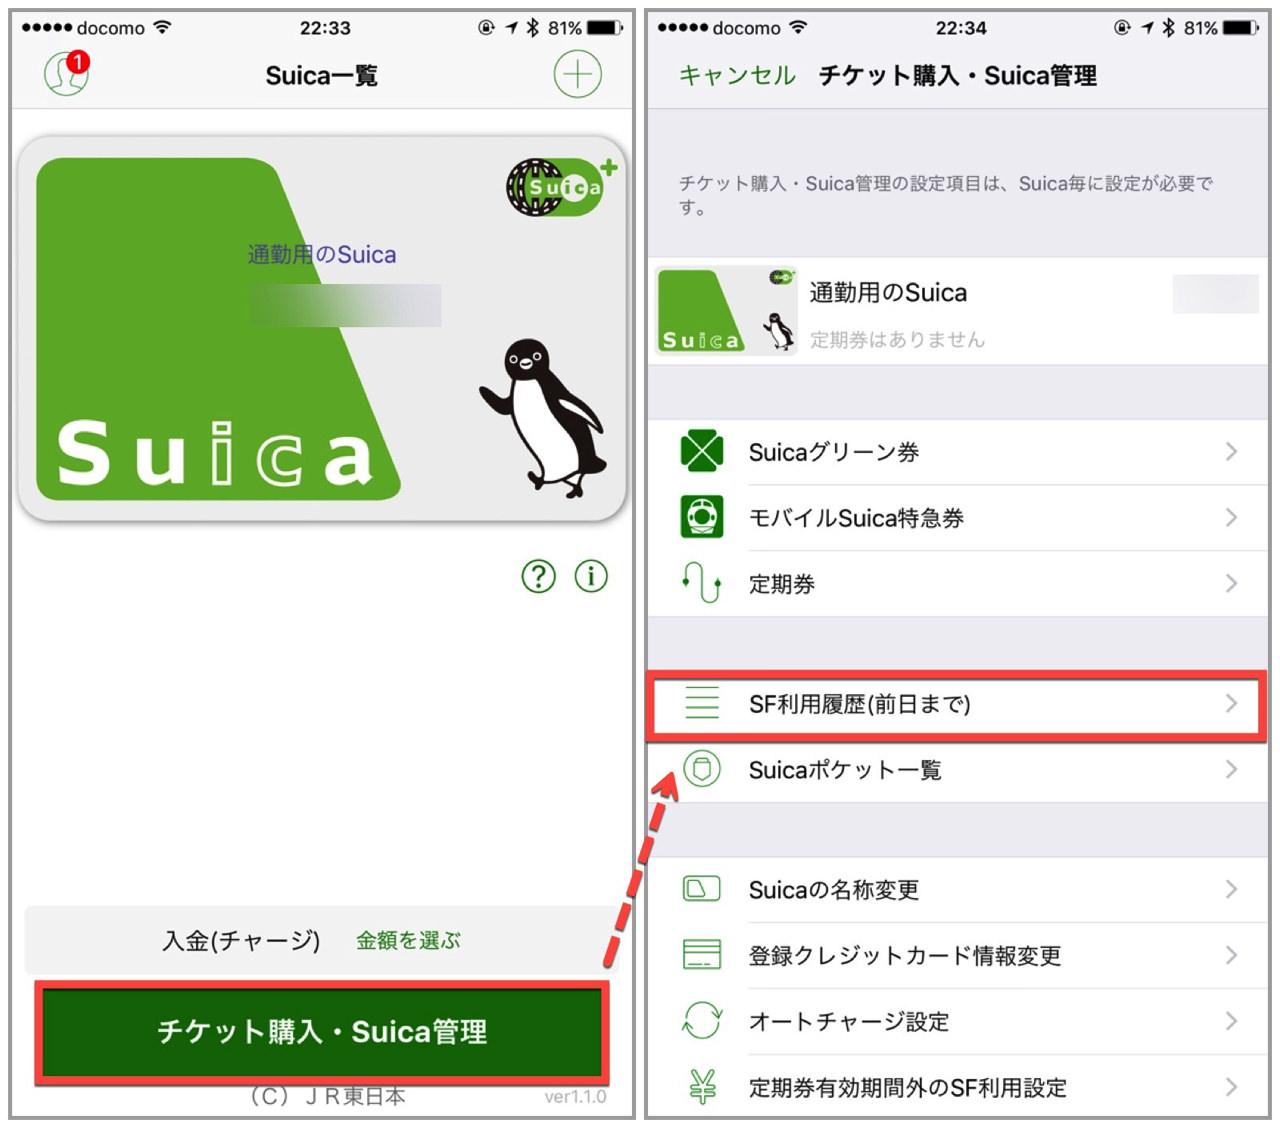 Check suica usage history3